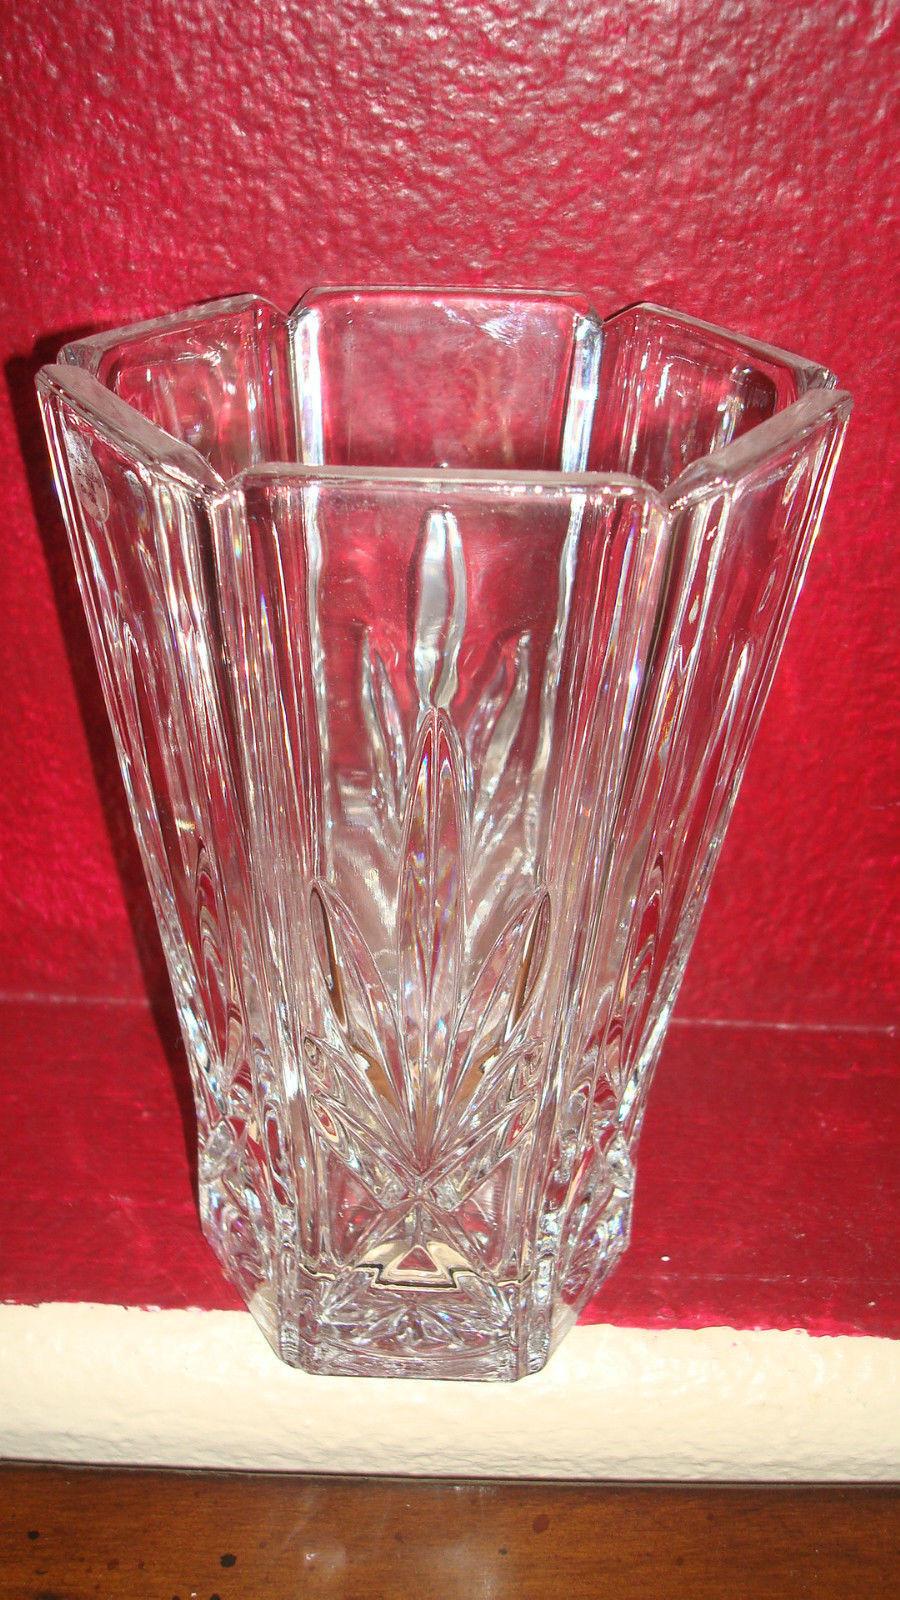 gorham lady anne crystal bud vase of vintage gorham crystal vase 1996 etched over 24 full lead new with vintage gorham crystal vase 1996 etched over 24 full lead new 2 of 12 vintage gorham crystal vase